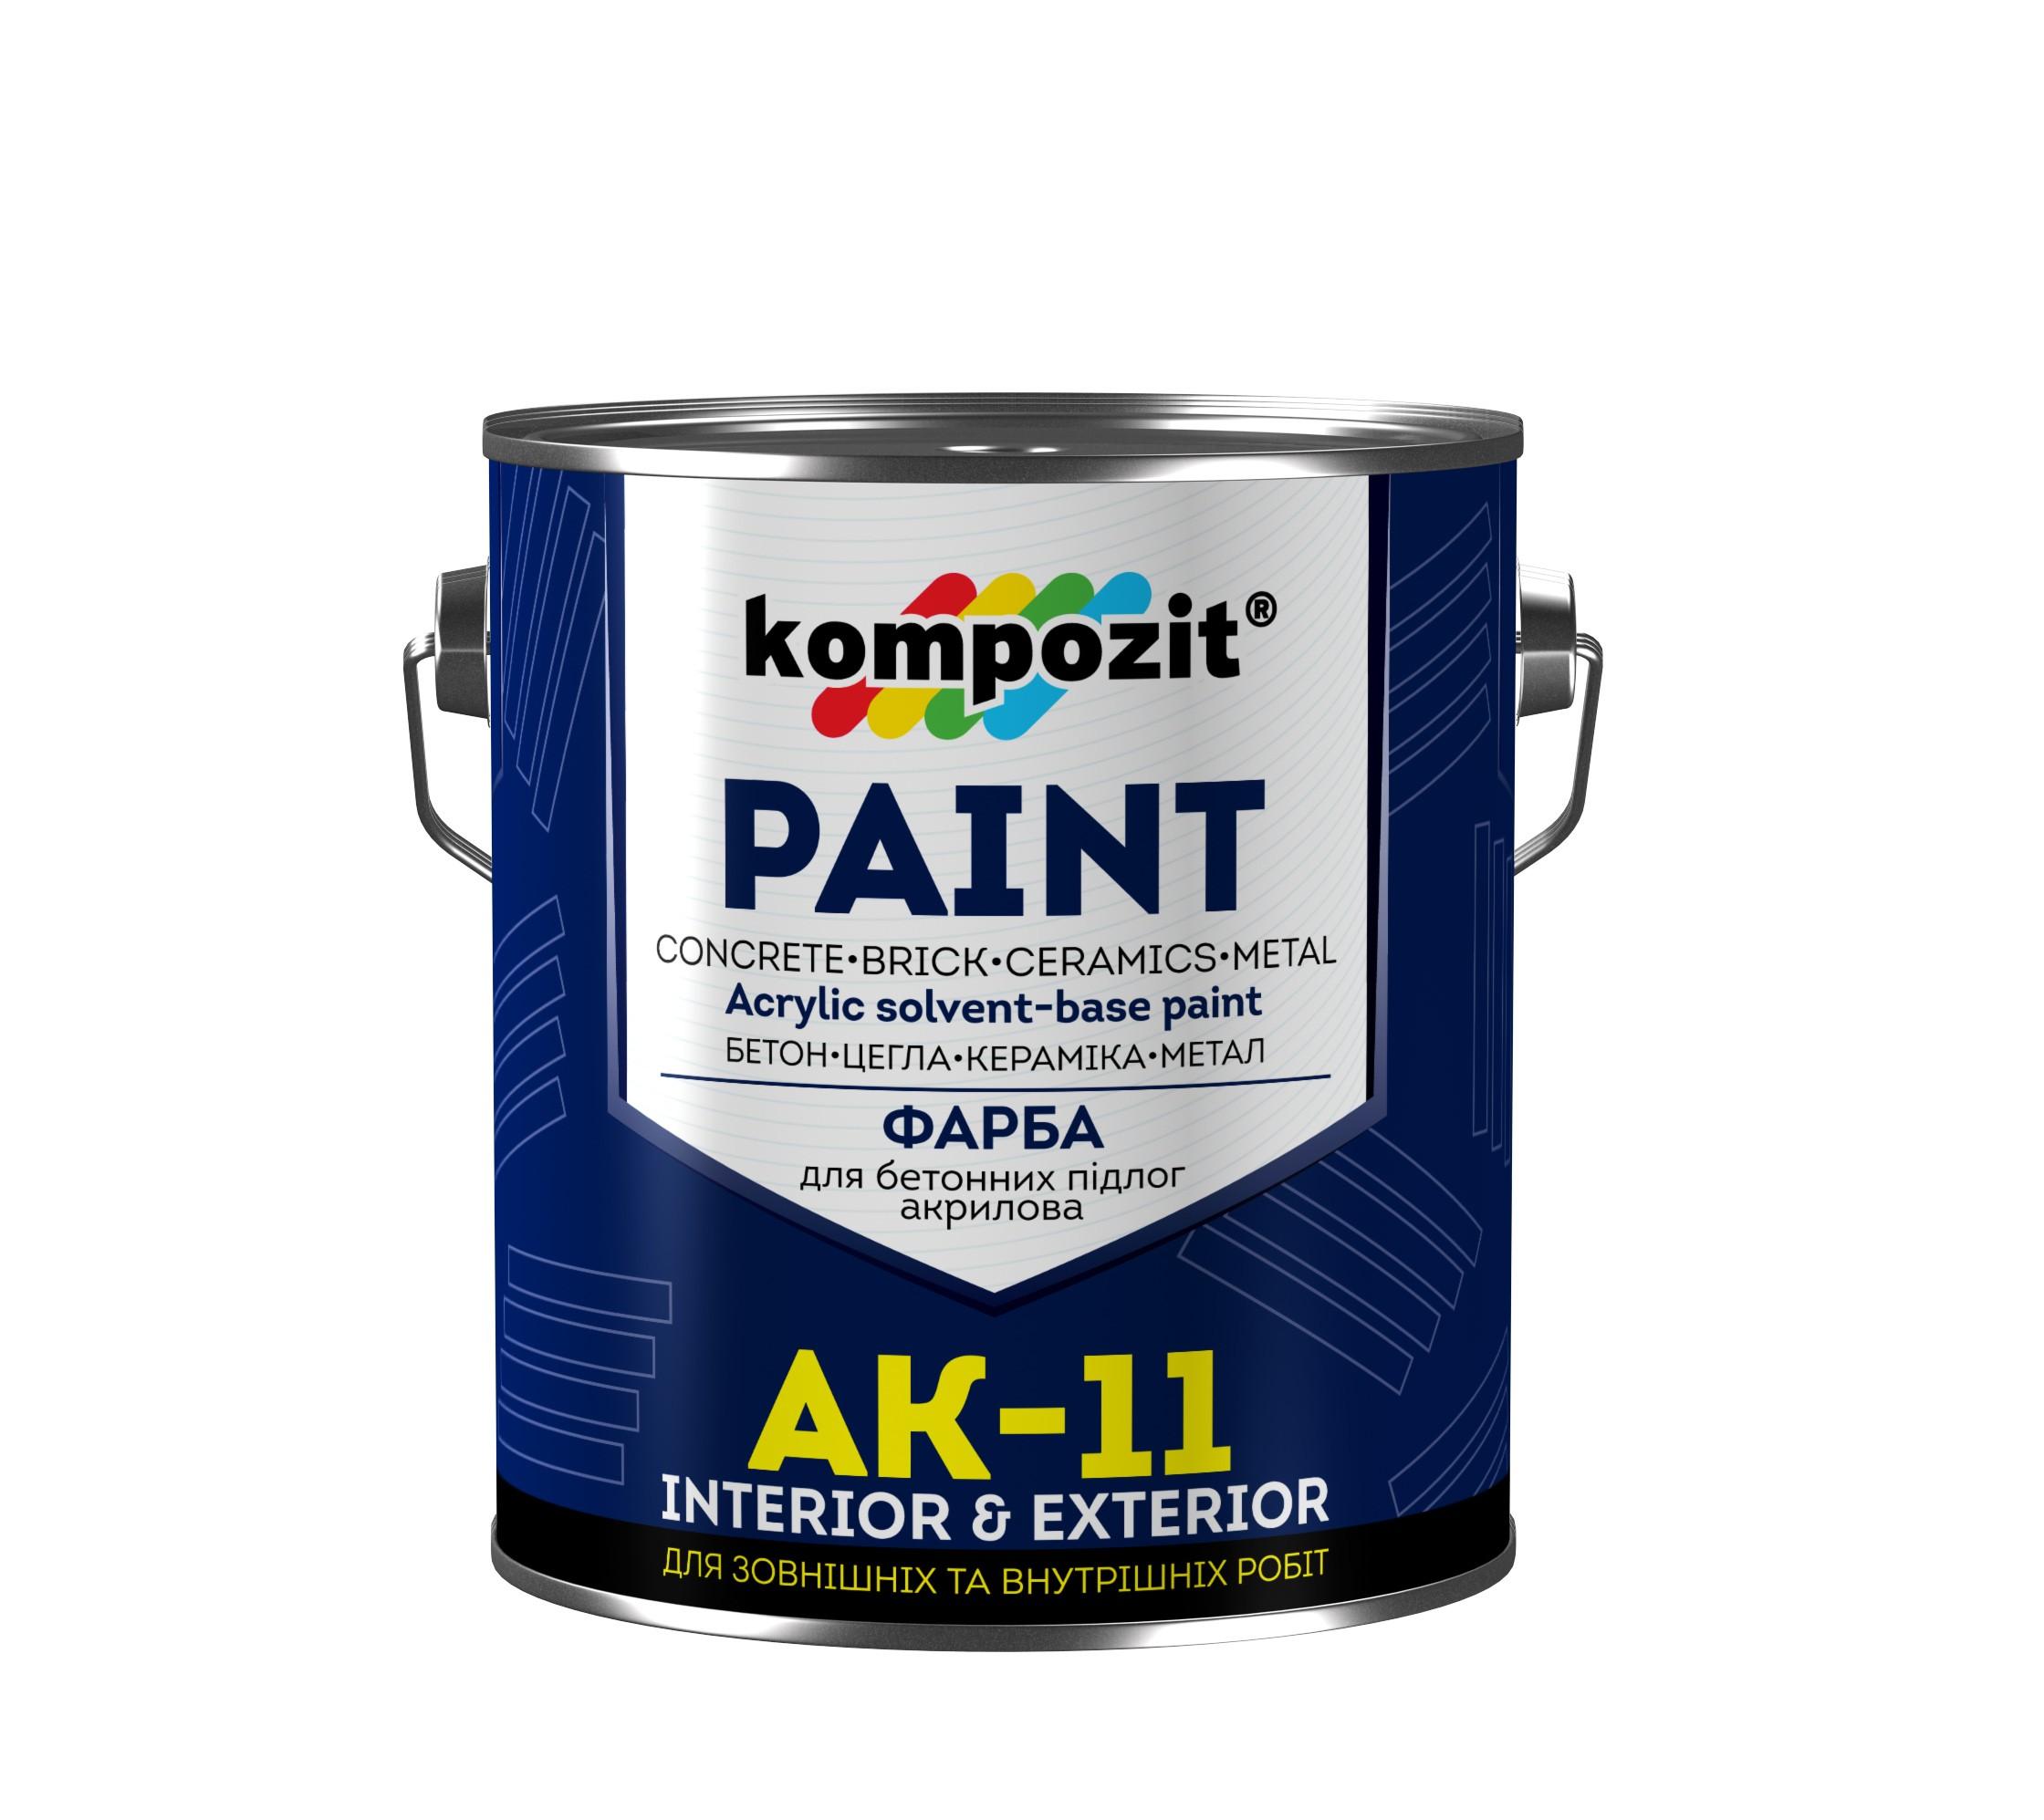 Красители для цементного раствора купить в самаре краскопульт для цементного раствора своими руками